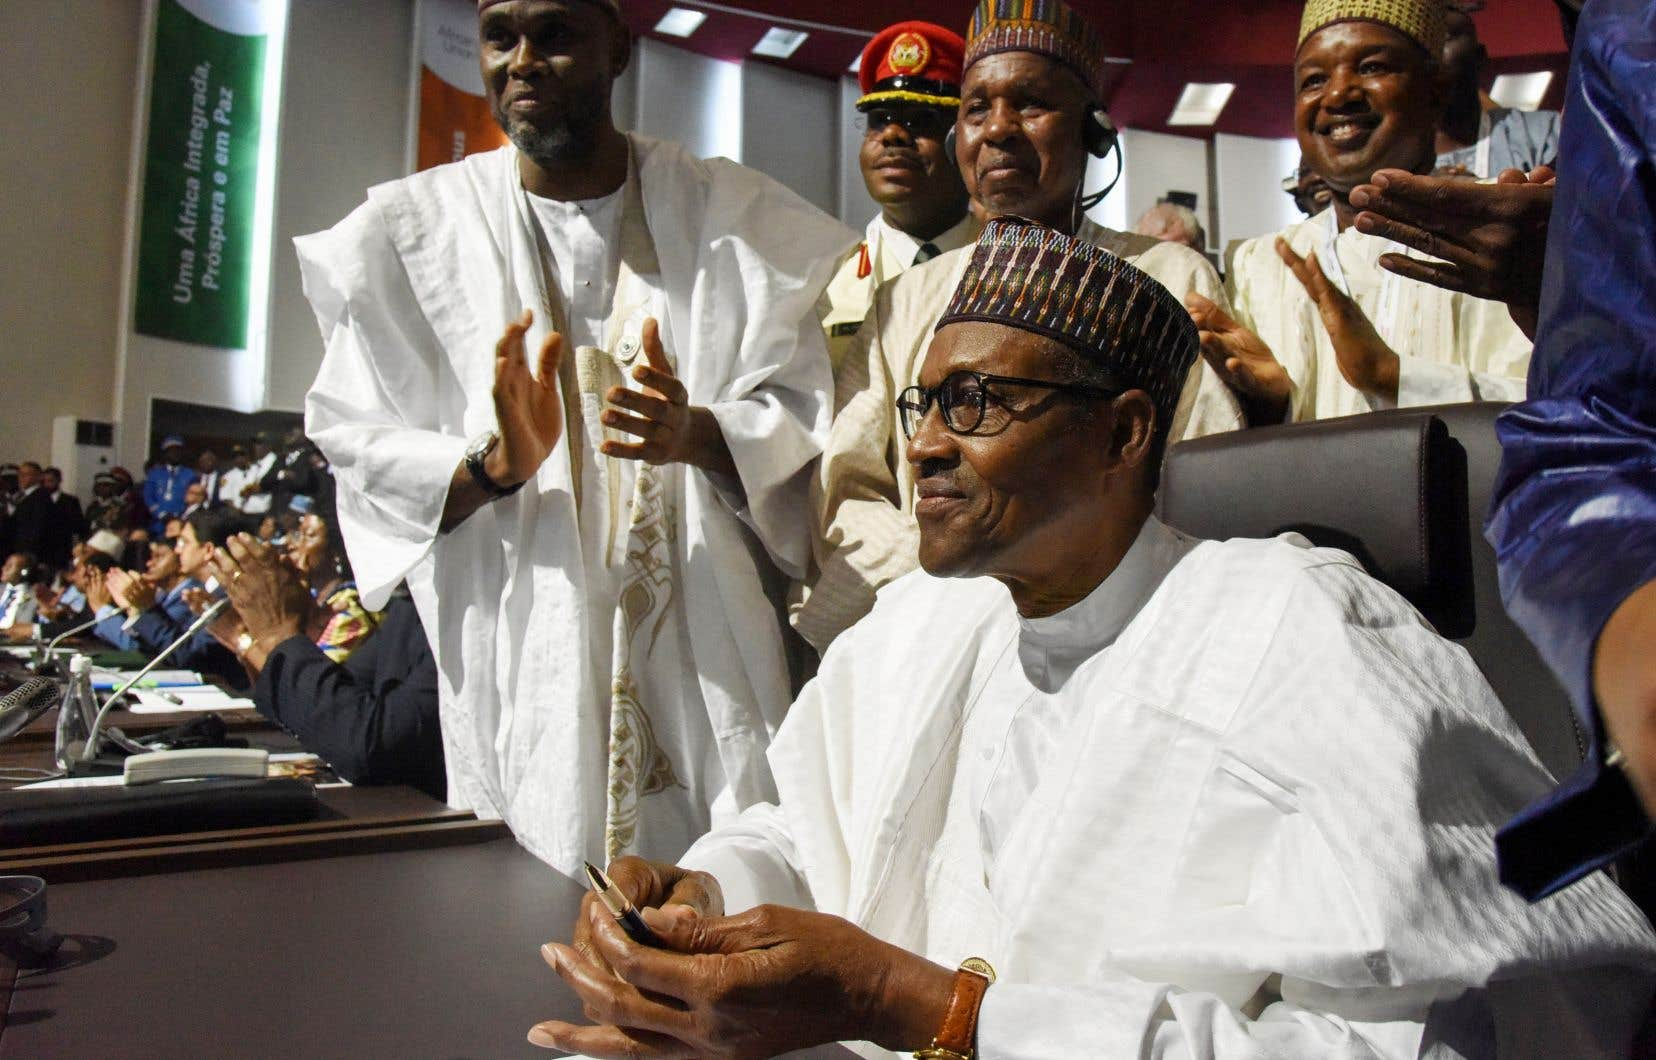 Le président nigérian Muhammadu Buhari s'apprête à ratifier l'accord de création de la Zone de libre-échange continentale africaine.